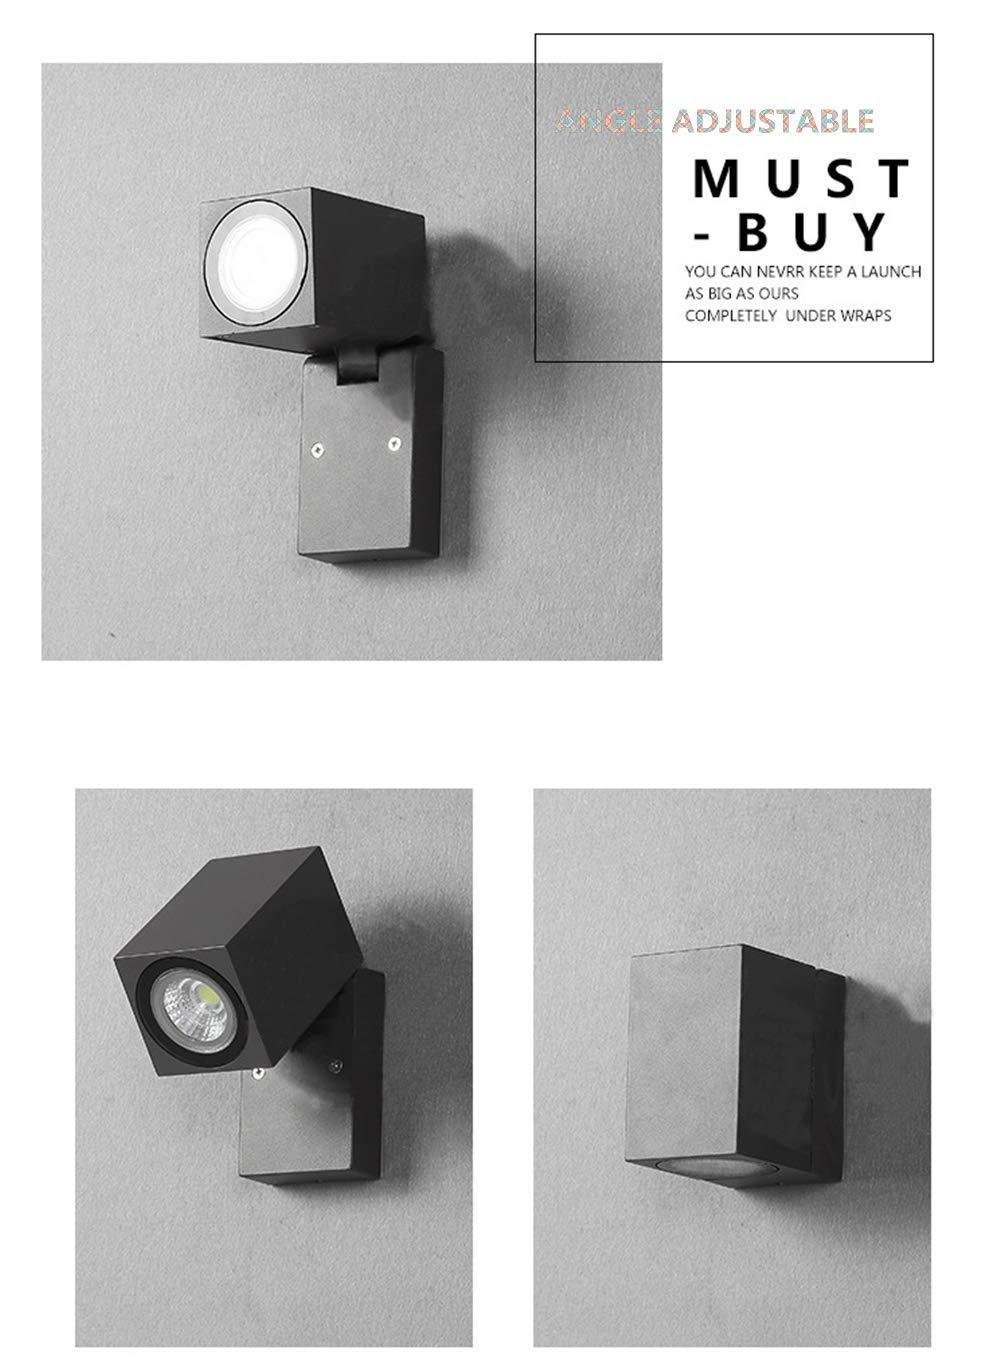 MEIYANG Lampada da Parete per Esterni Lampada da Parete Impermeabile per Esterni con Illuminazione dimmerabile [Livello di energia A],Warmbiancalight